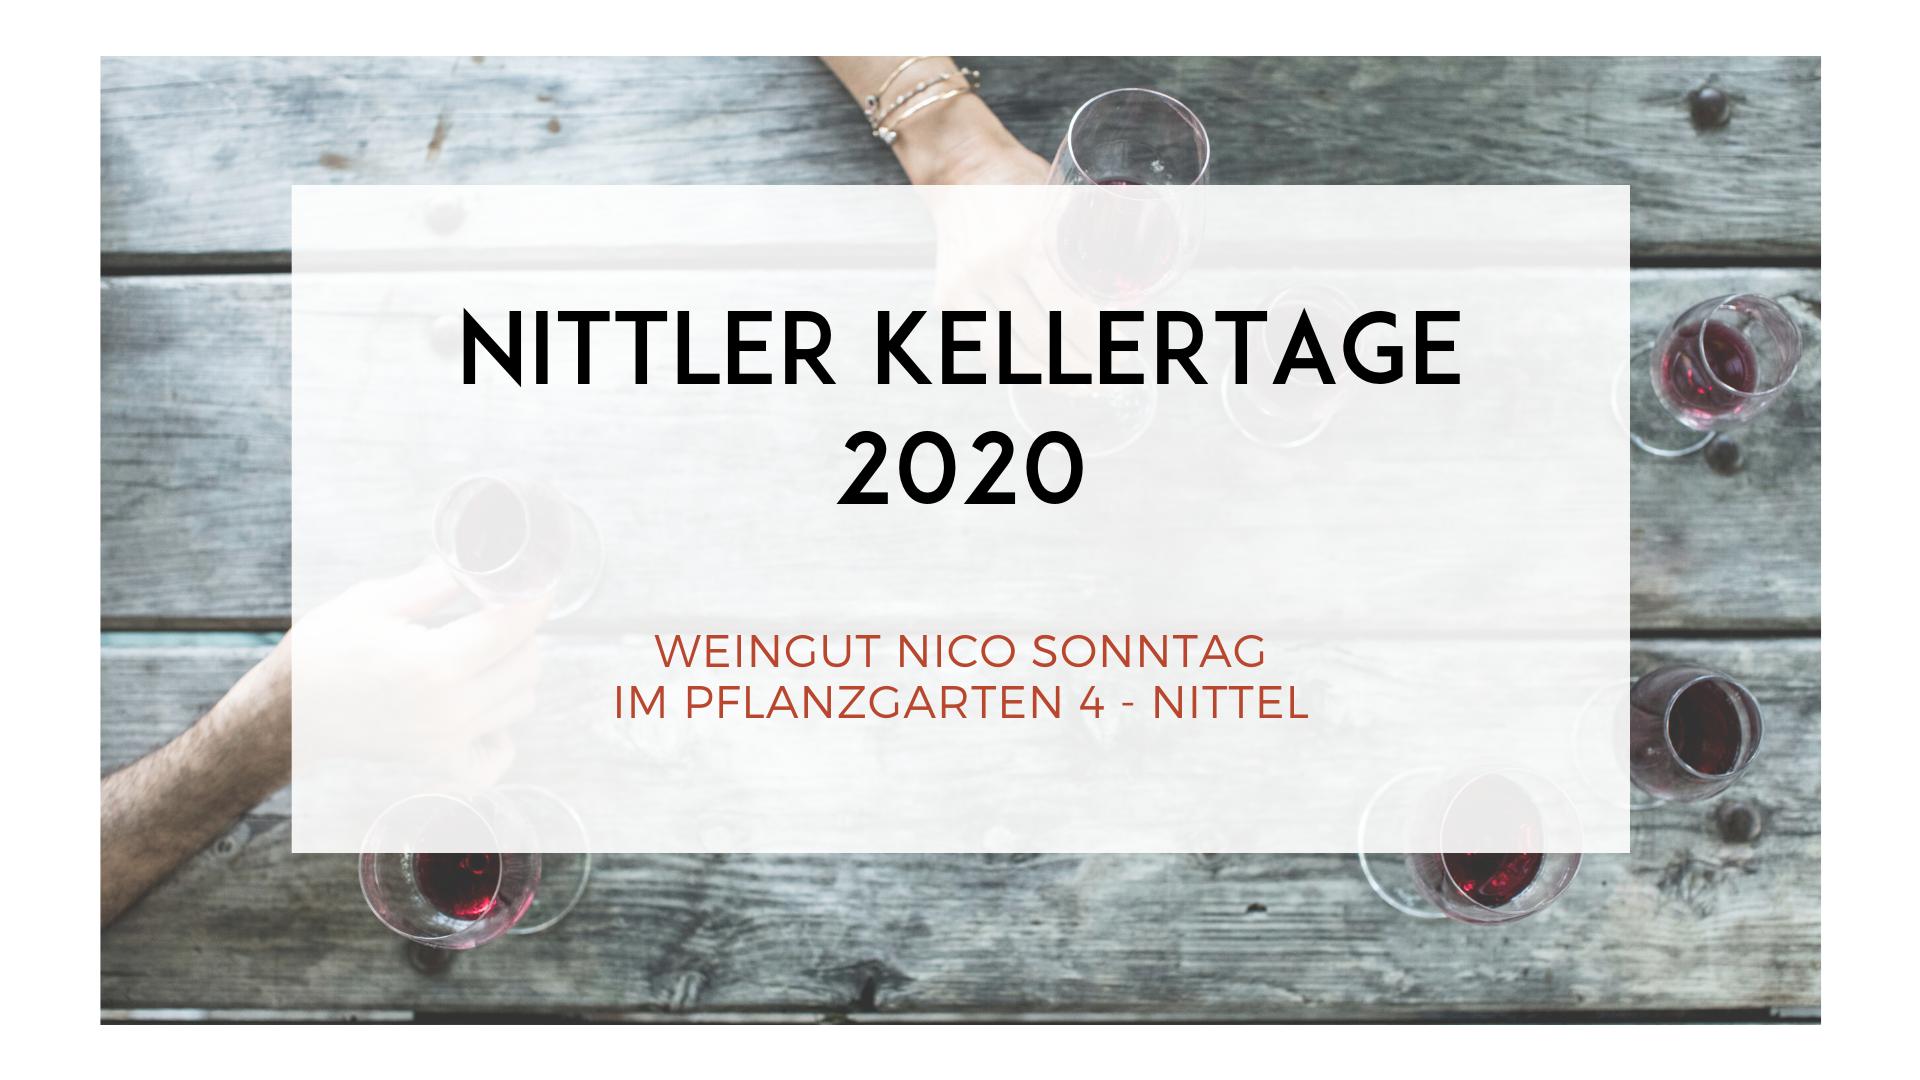 Kellertage 2020